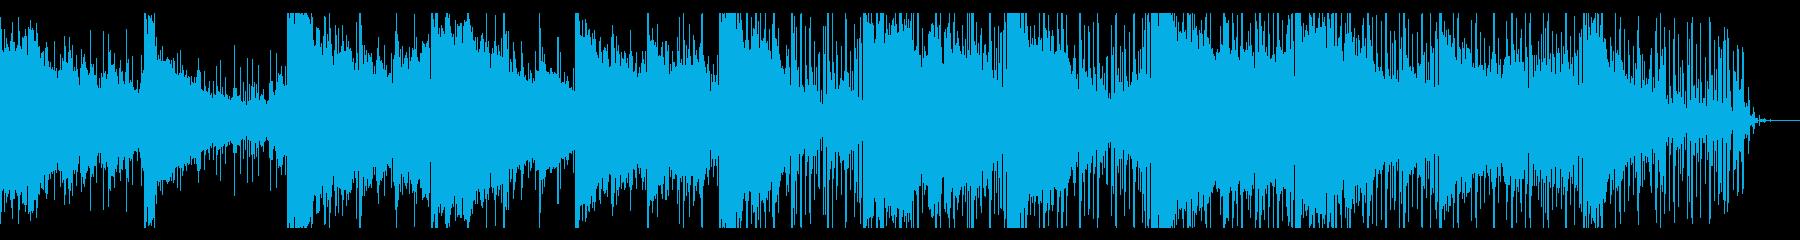 ダークなシネマティックIDMの再生済みの波形